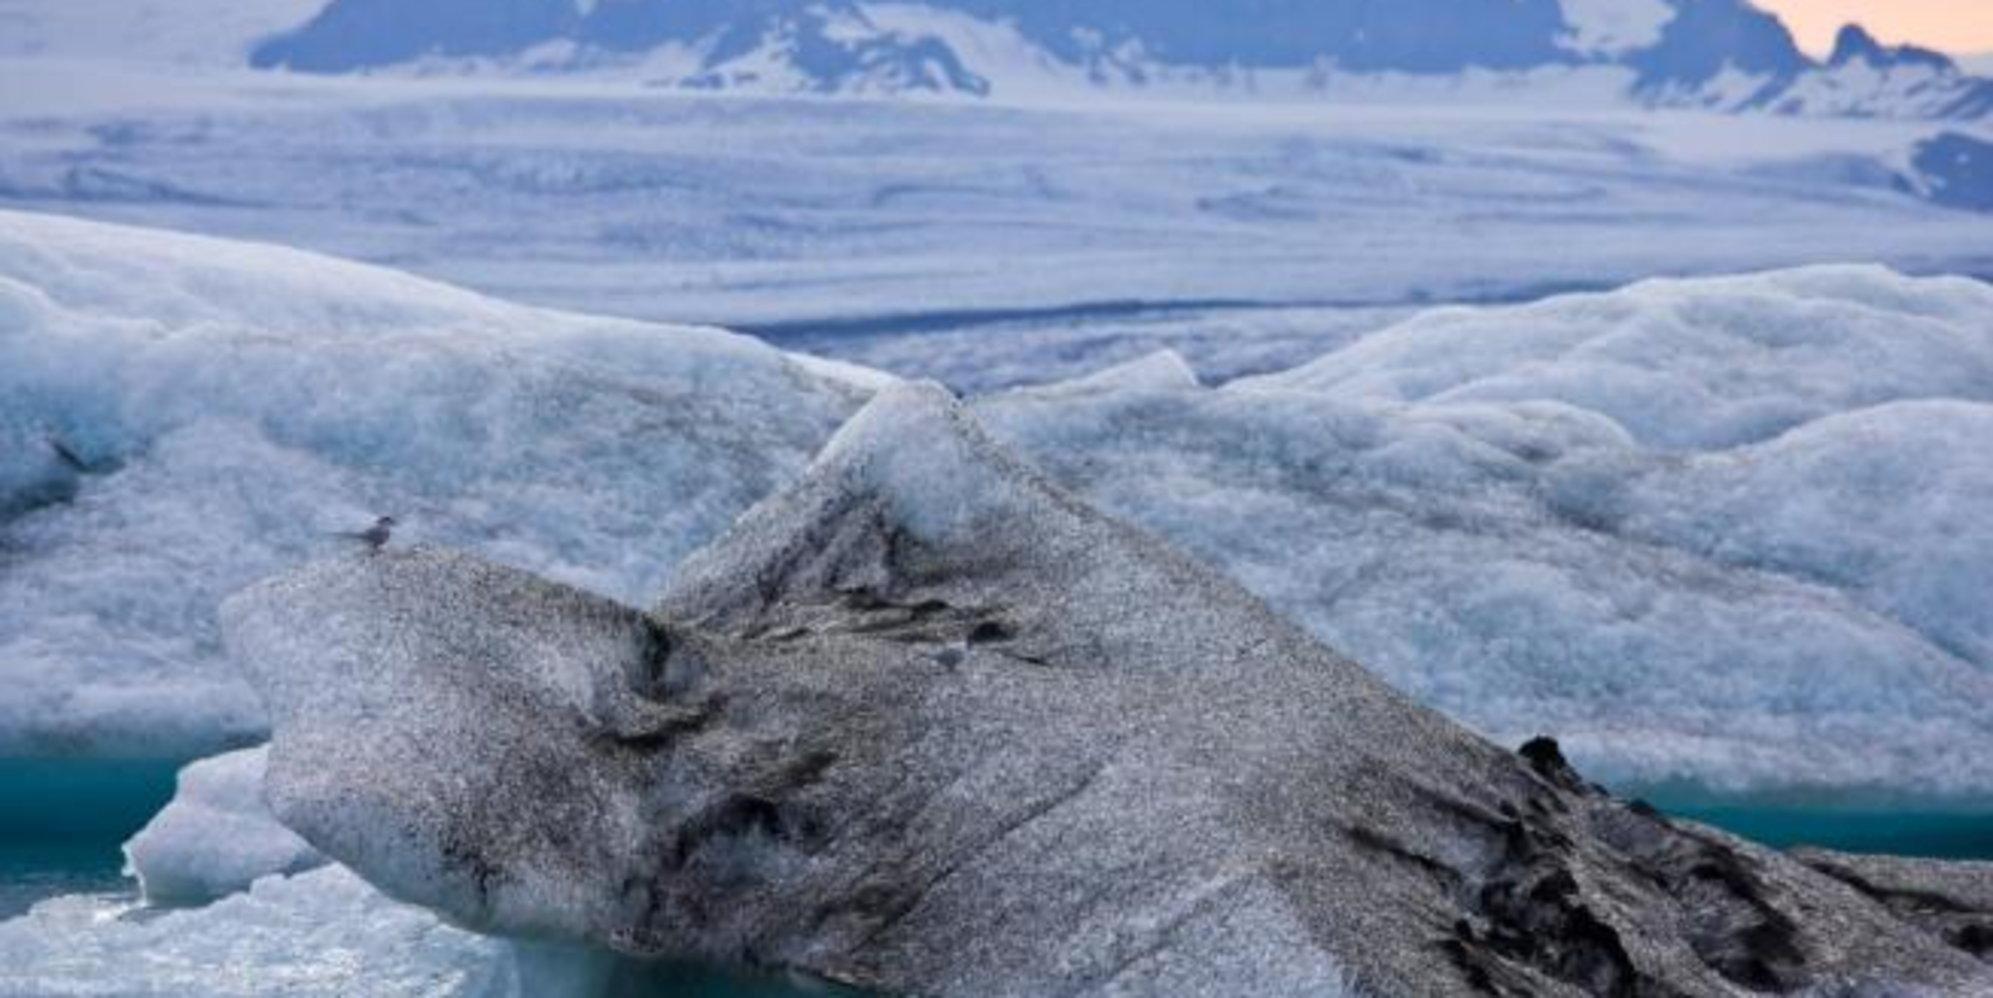 Nell'Artico ghiacci sempre meno estesi: nel 2020 secondo minimo da 42 anni